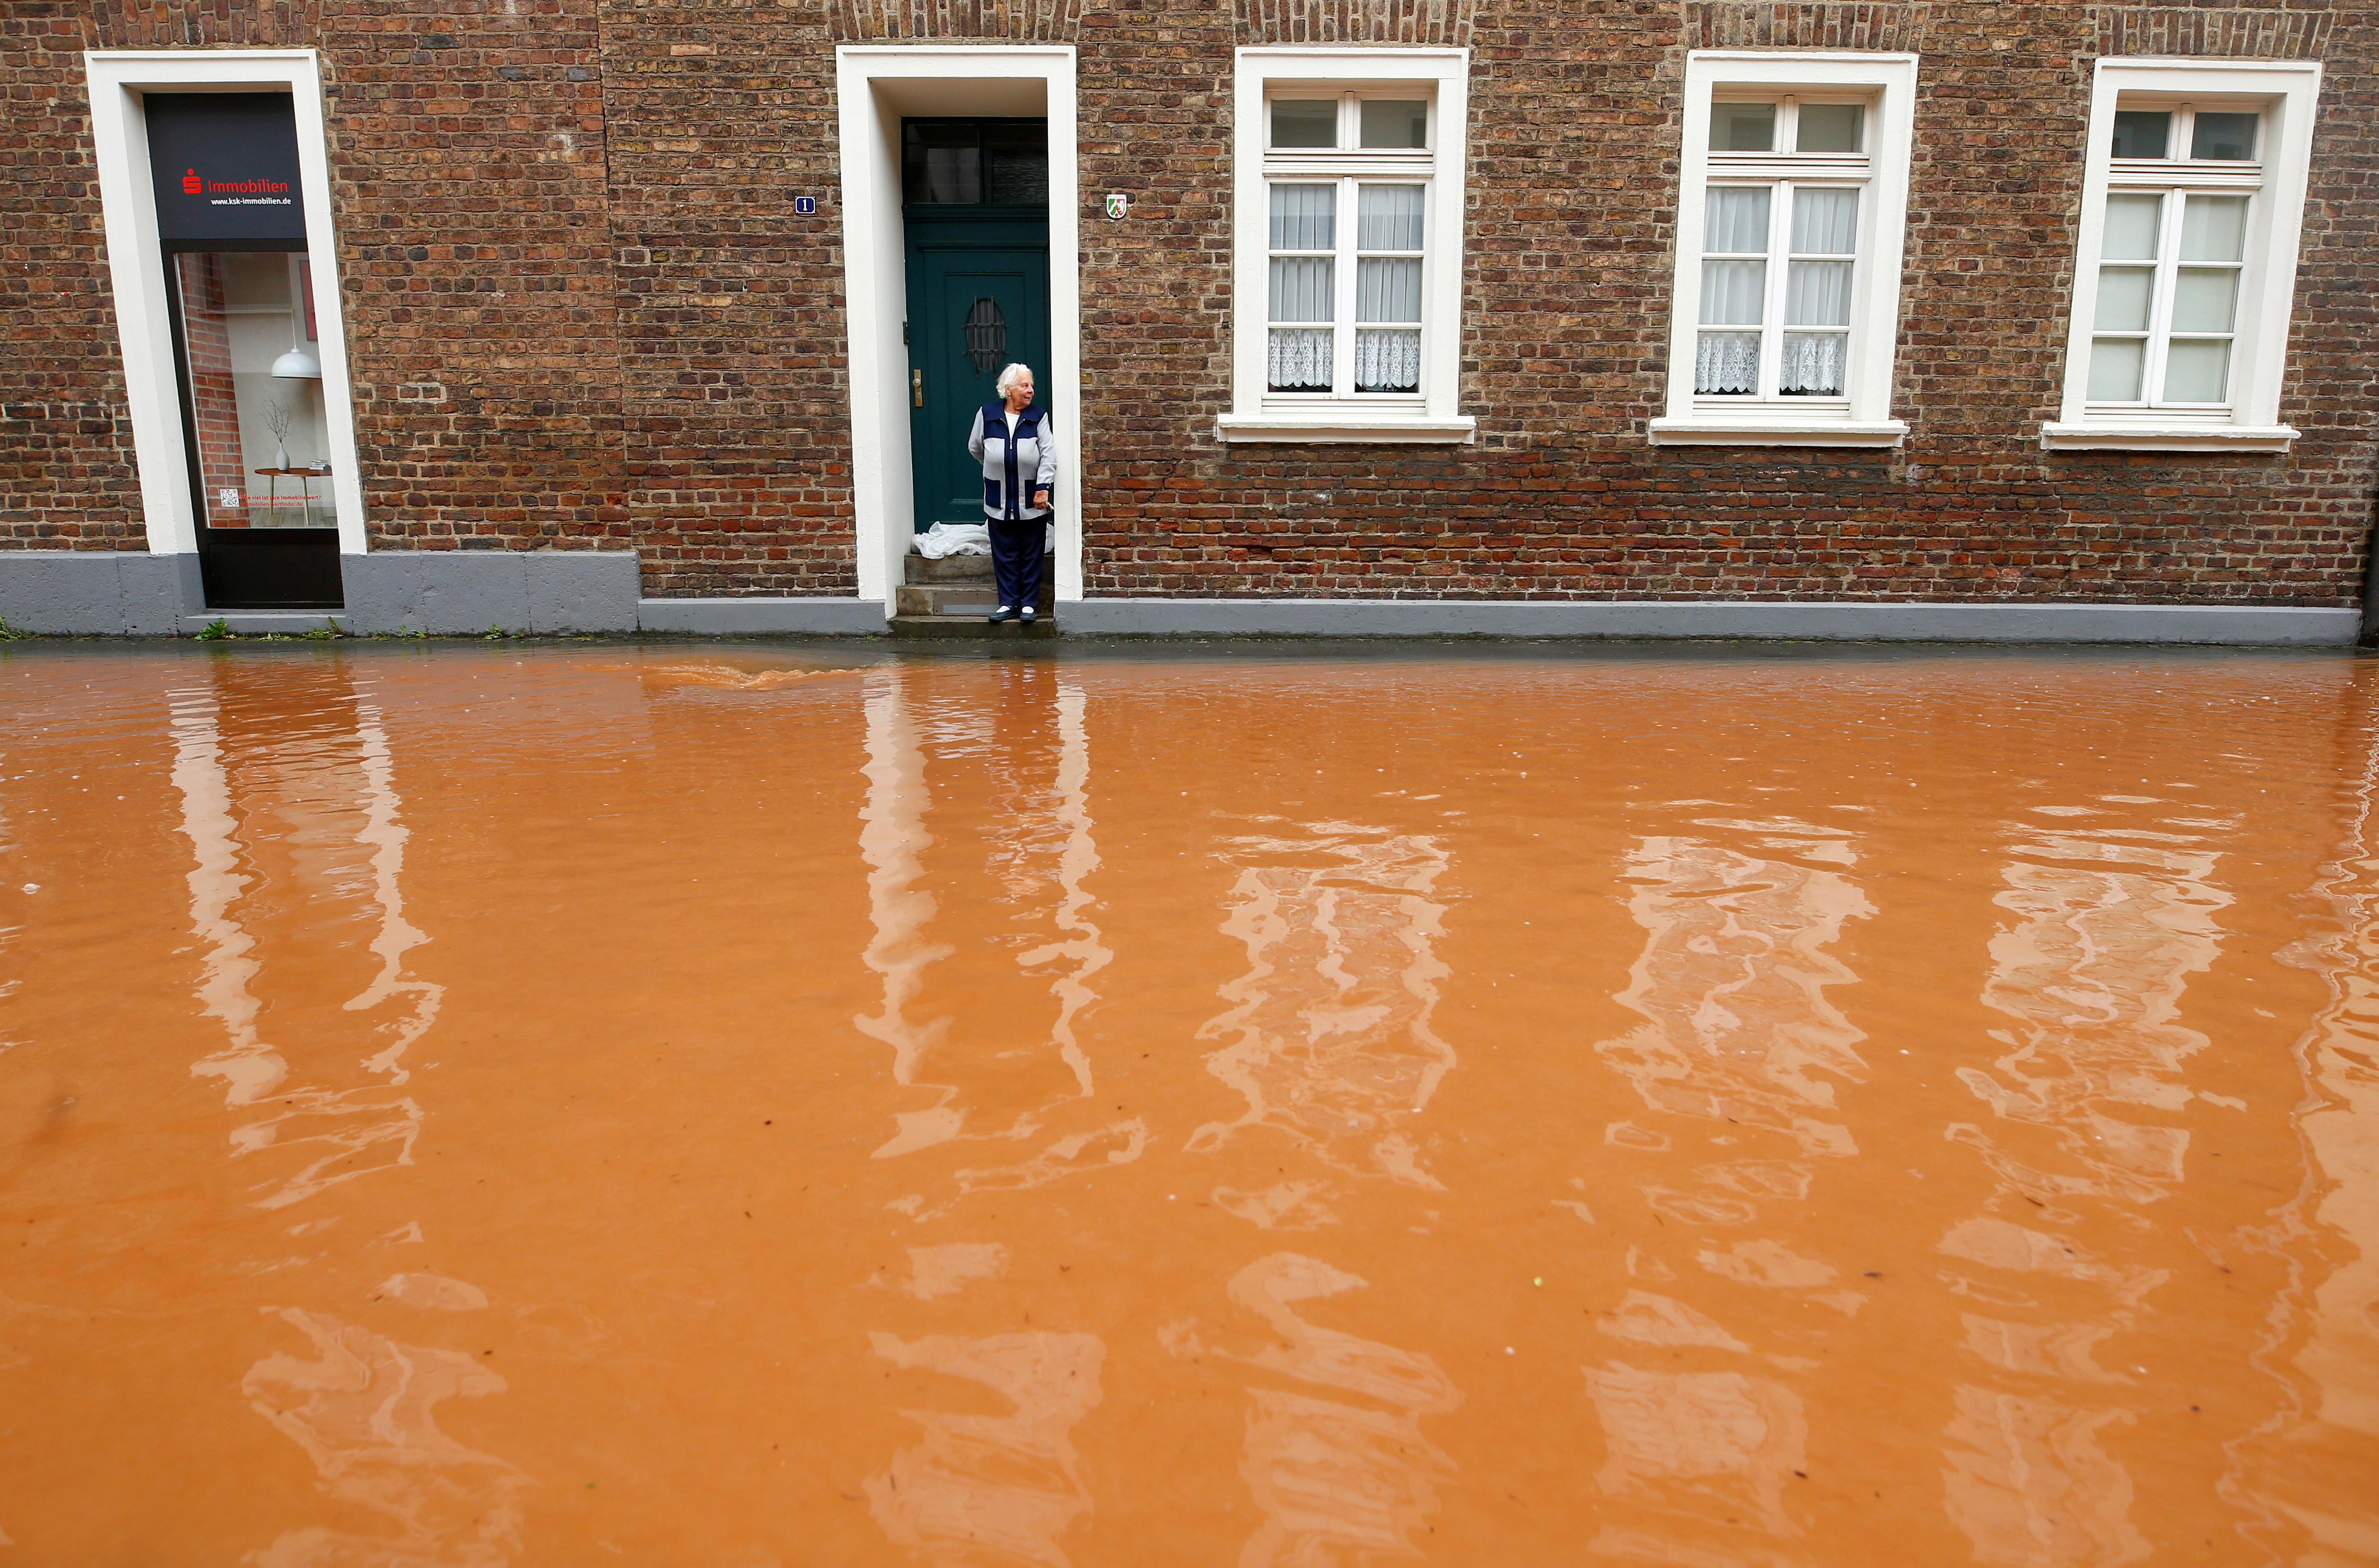 A street is flooded following heavy rainfalls in Erftstadt, Germany, July 16, 2021. REUTERS/Thilo Schmuelgen/File Photo